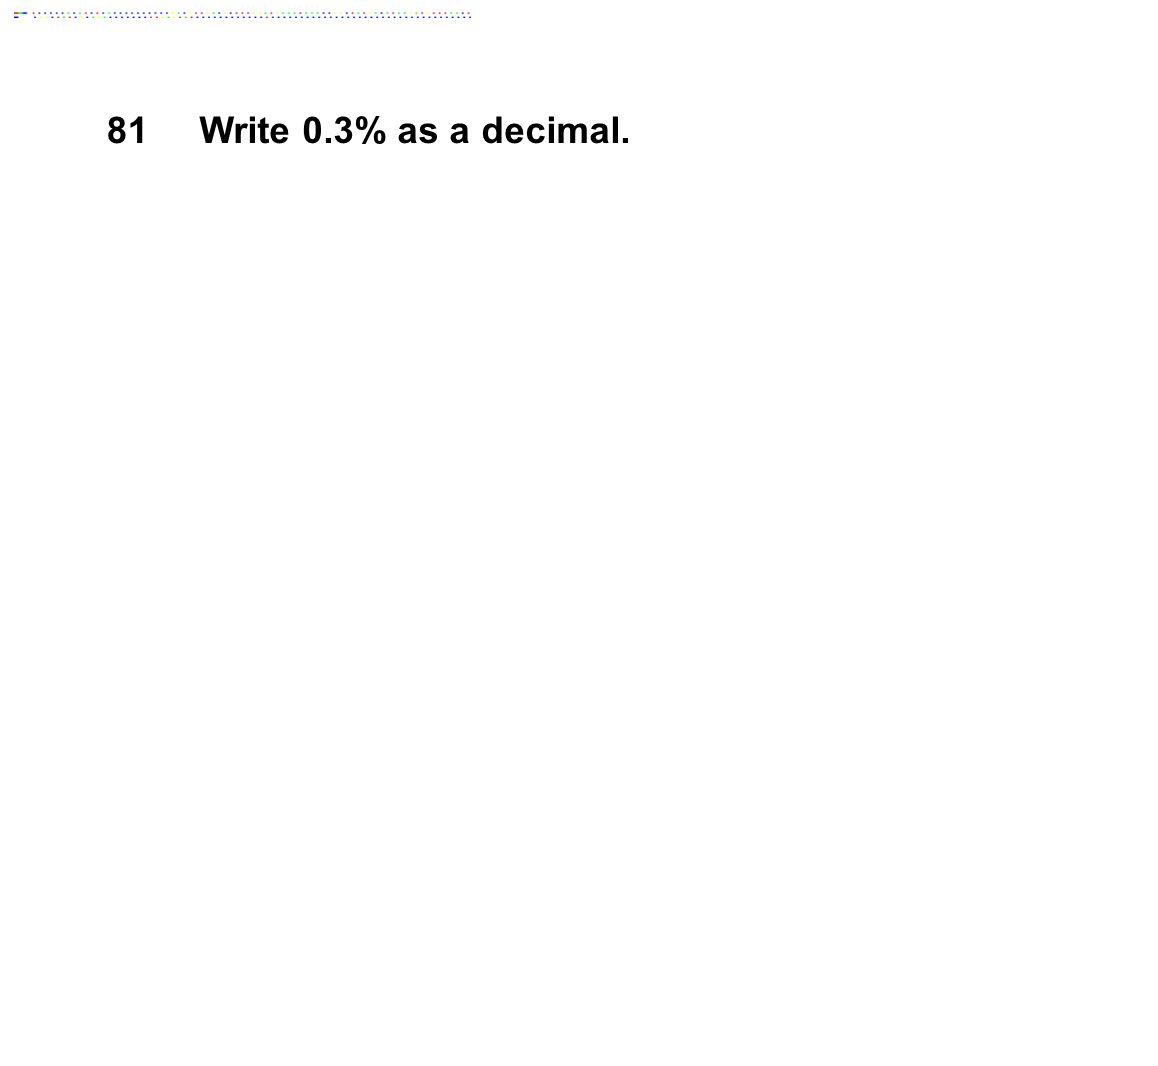 81Write 0.3% as a decimal.